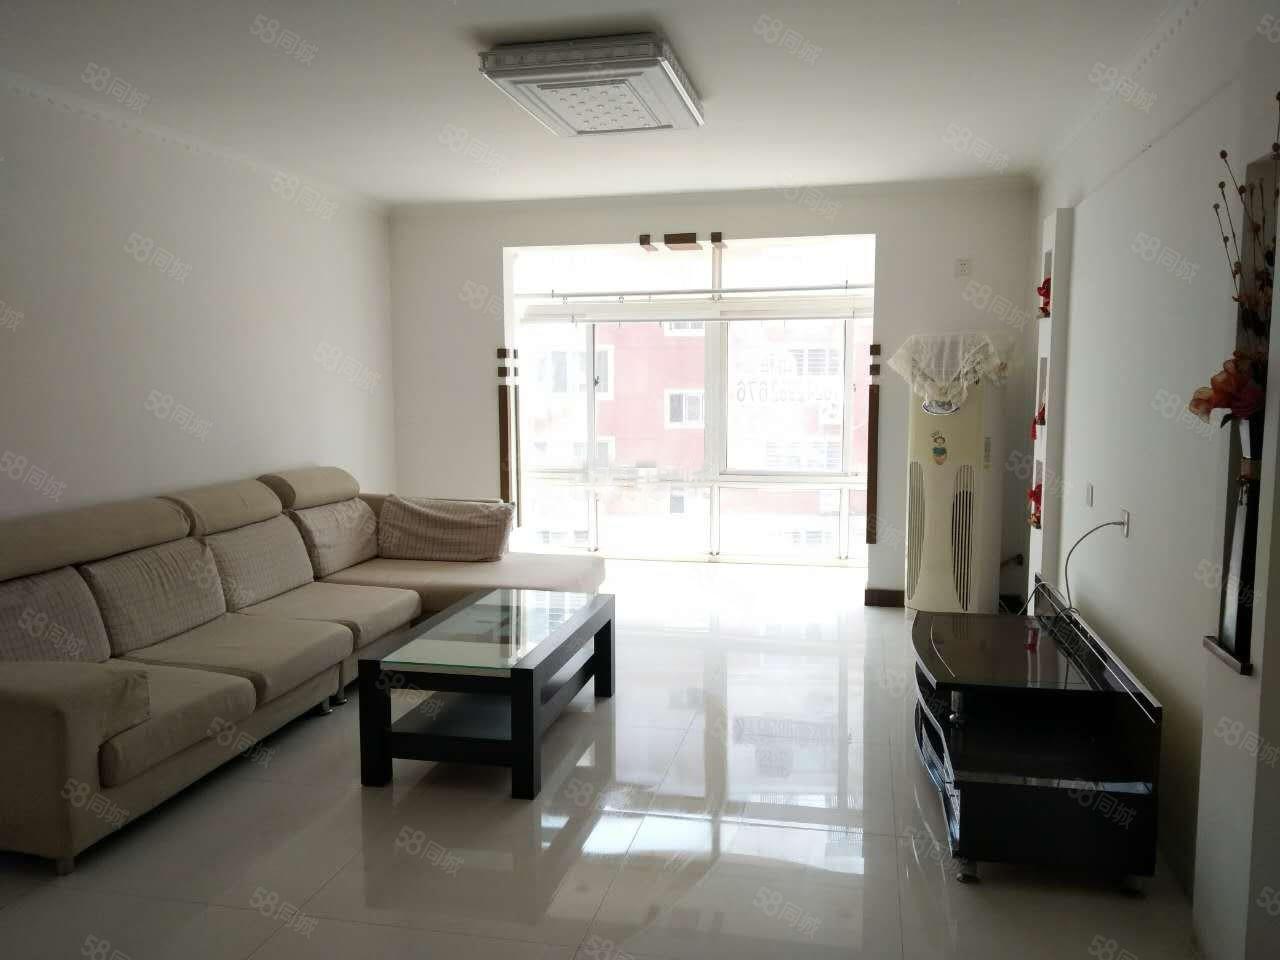 渤船家园2室2厅1卫中等装修取暖好,多层3楼拎包住